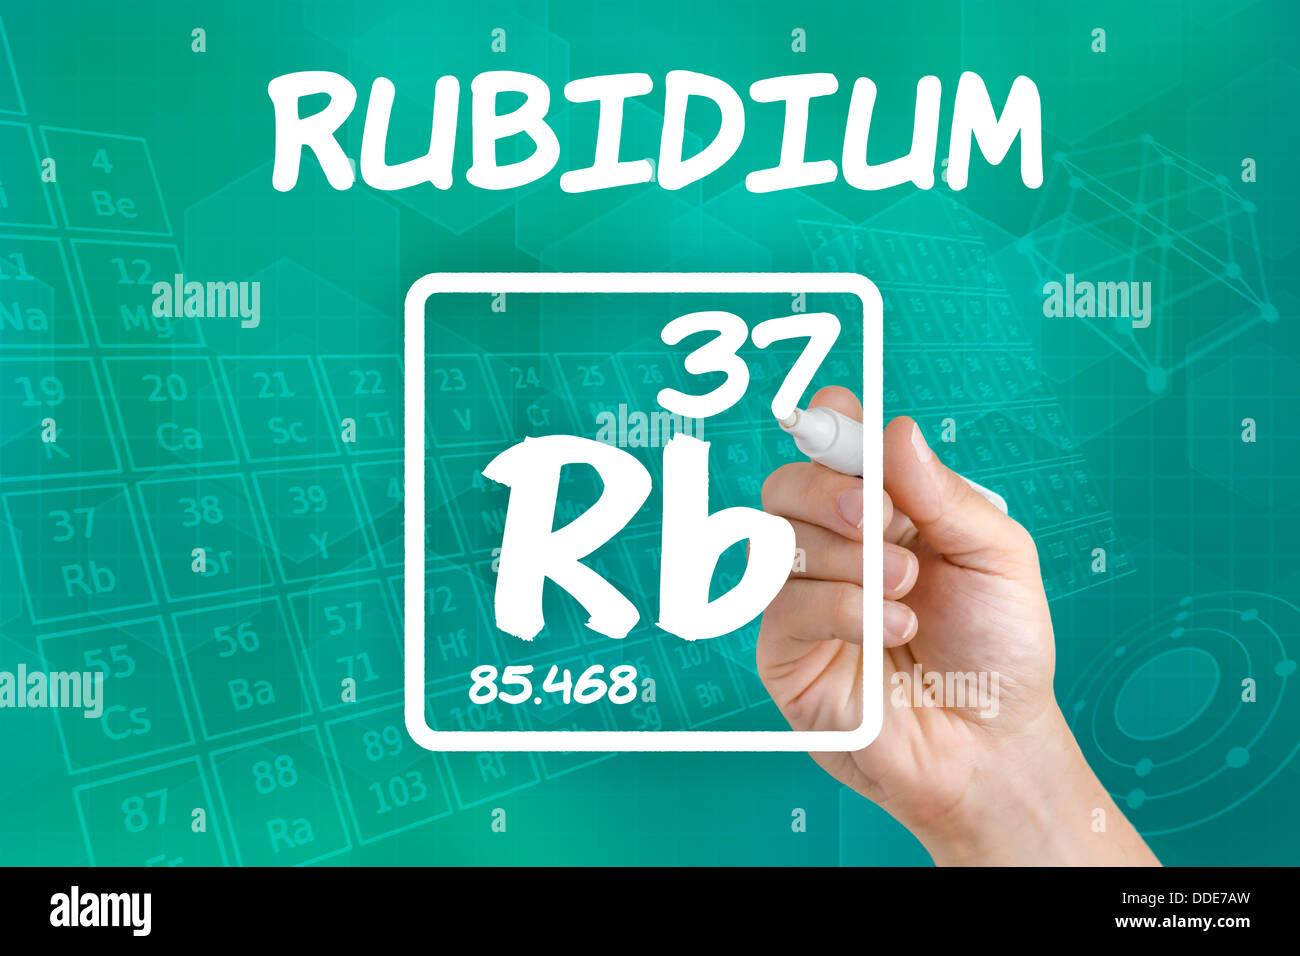 Symbol for the chemical element rubidium stock photo 59934753 alamy symbol for the chemical element rubidium buycottarizona Choice Image